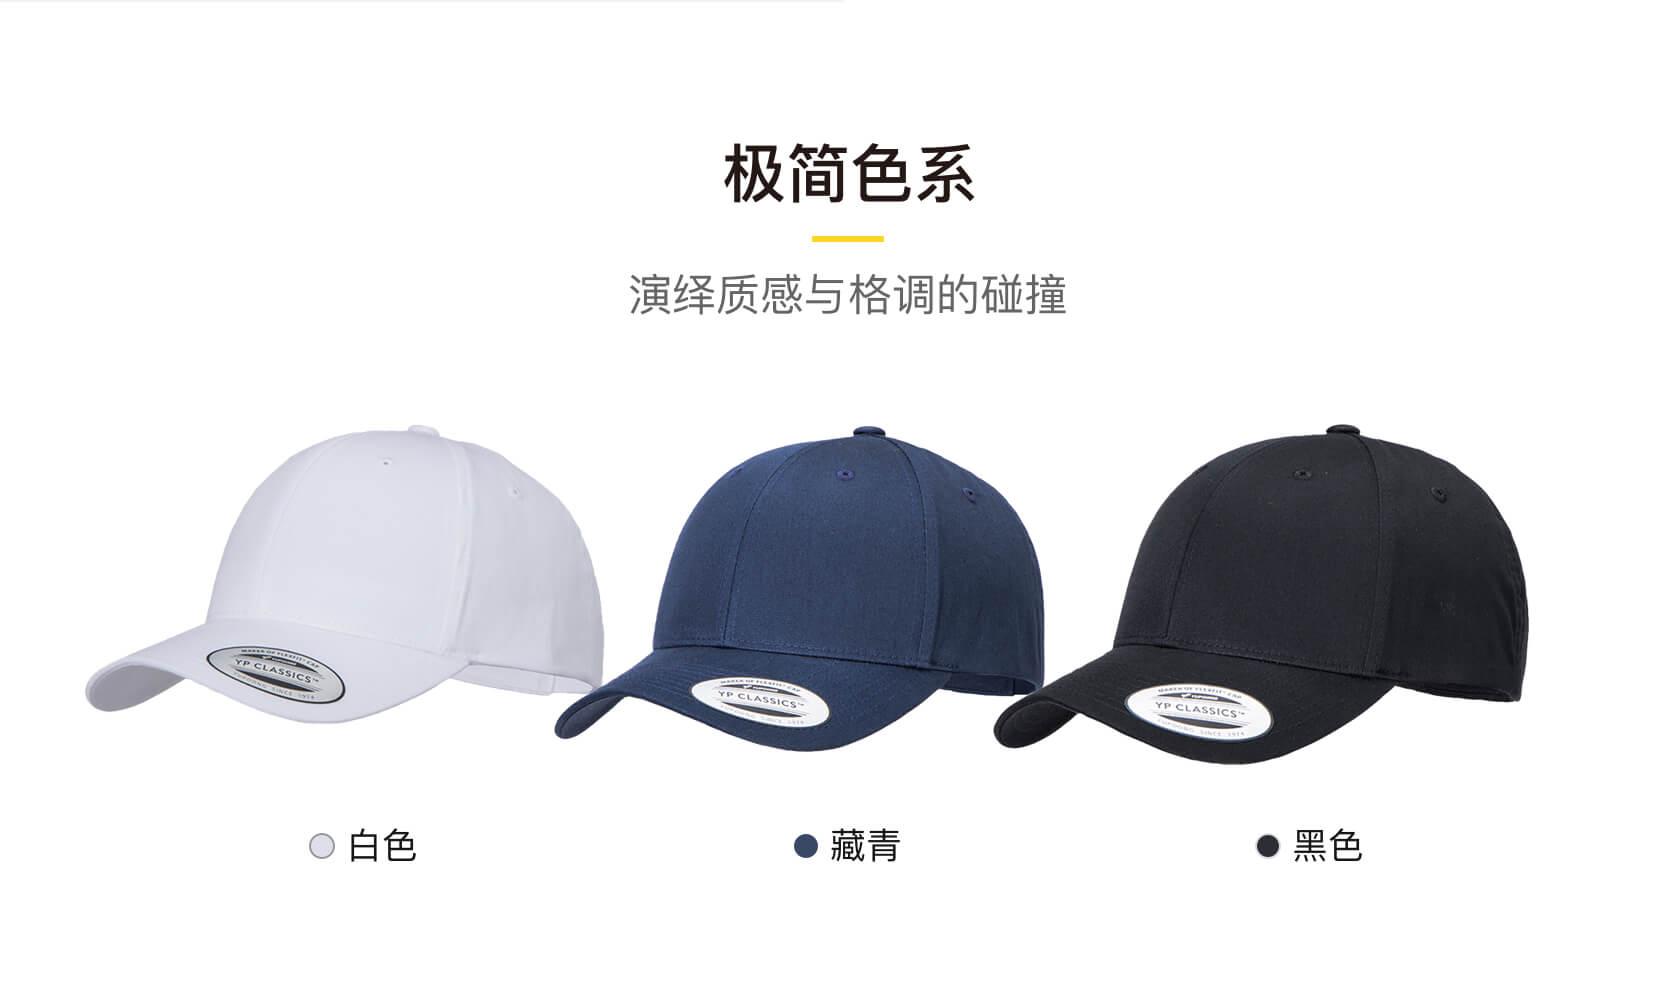 定制FLEXFIT经典全棉弯檐棒球帽颜色